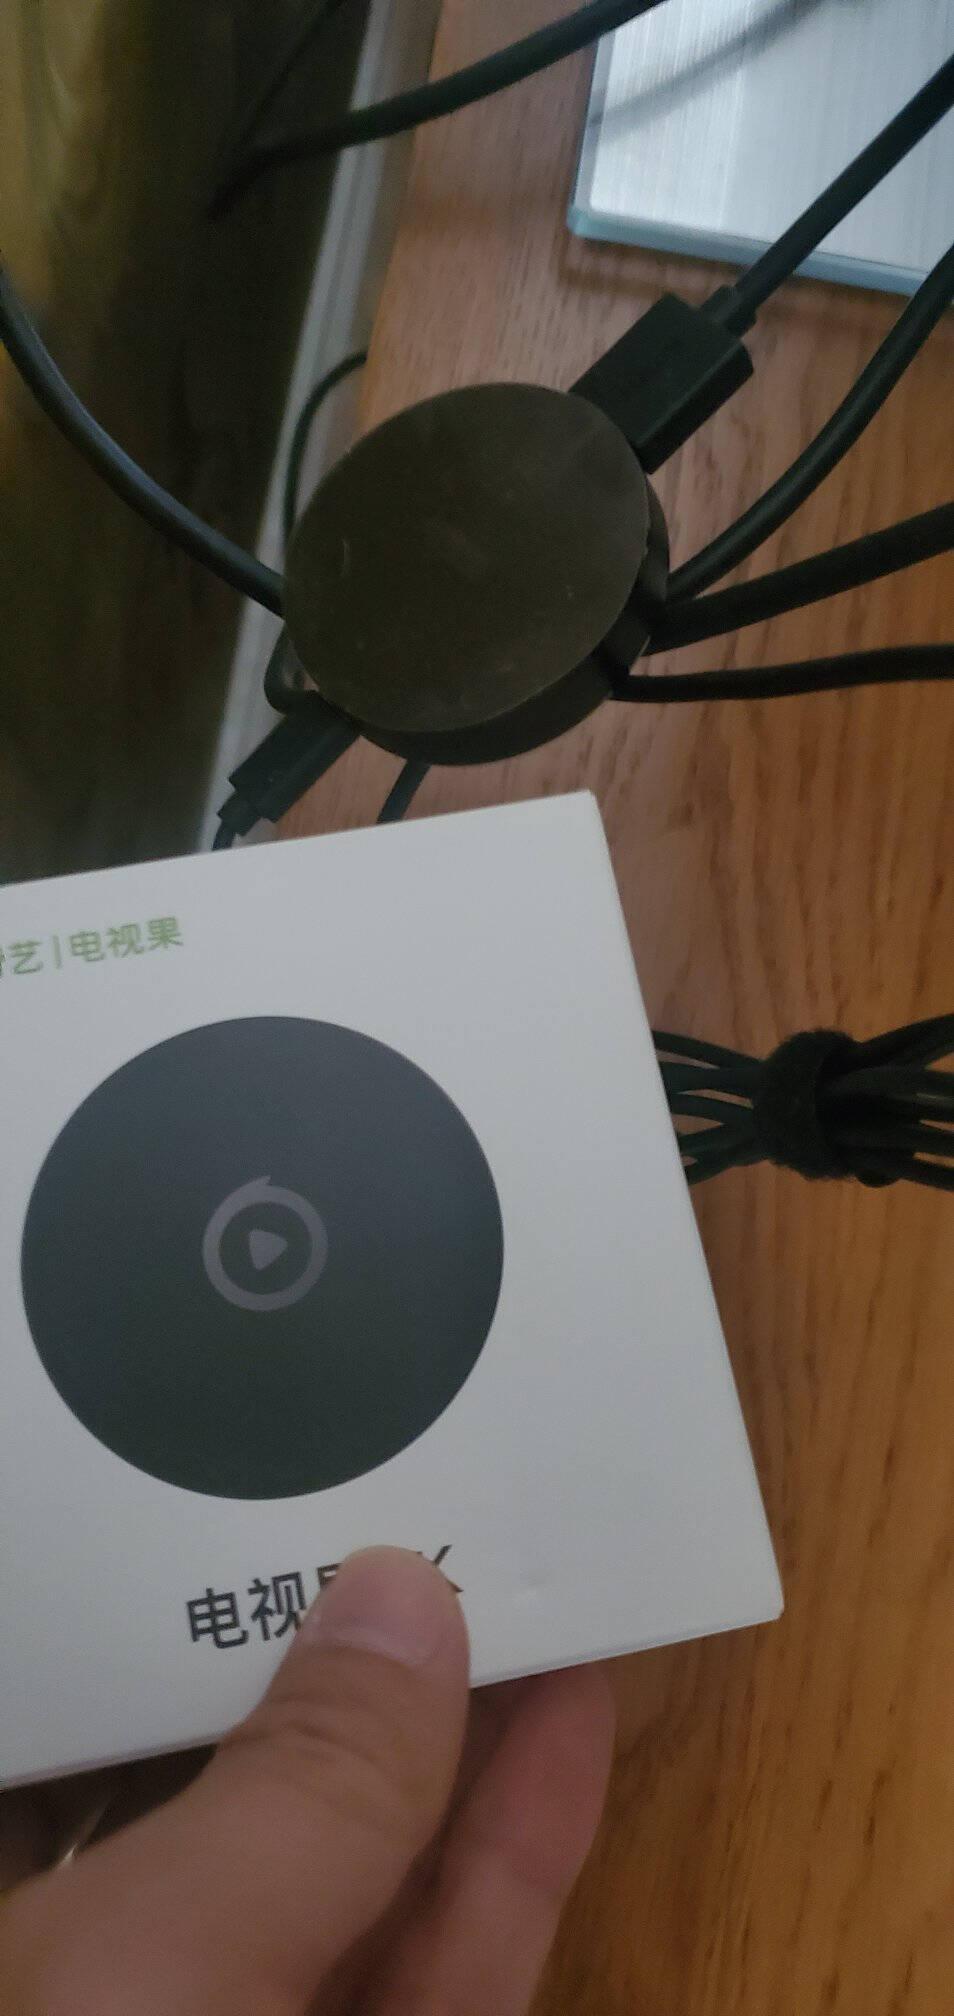 电视果4GAI人工智能投屏器4K高清增强版+4G上网弹幕投屏手机无线同屏器苹果安卓通用(含爱奇艺会员月卡)